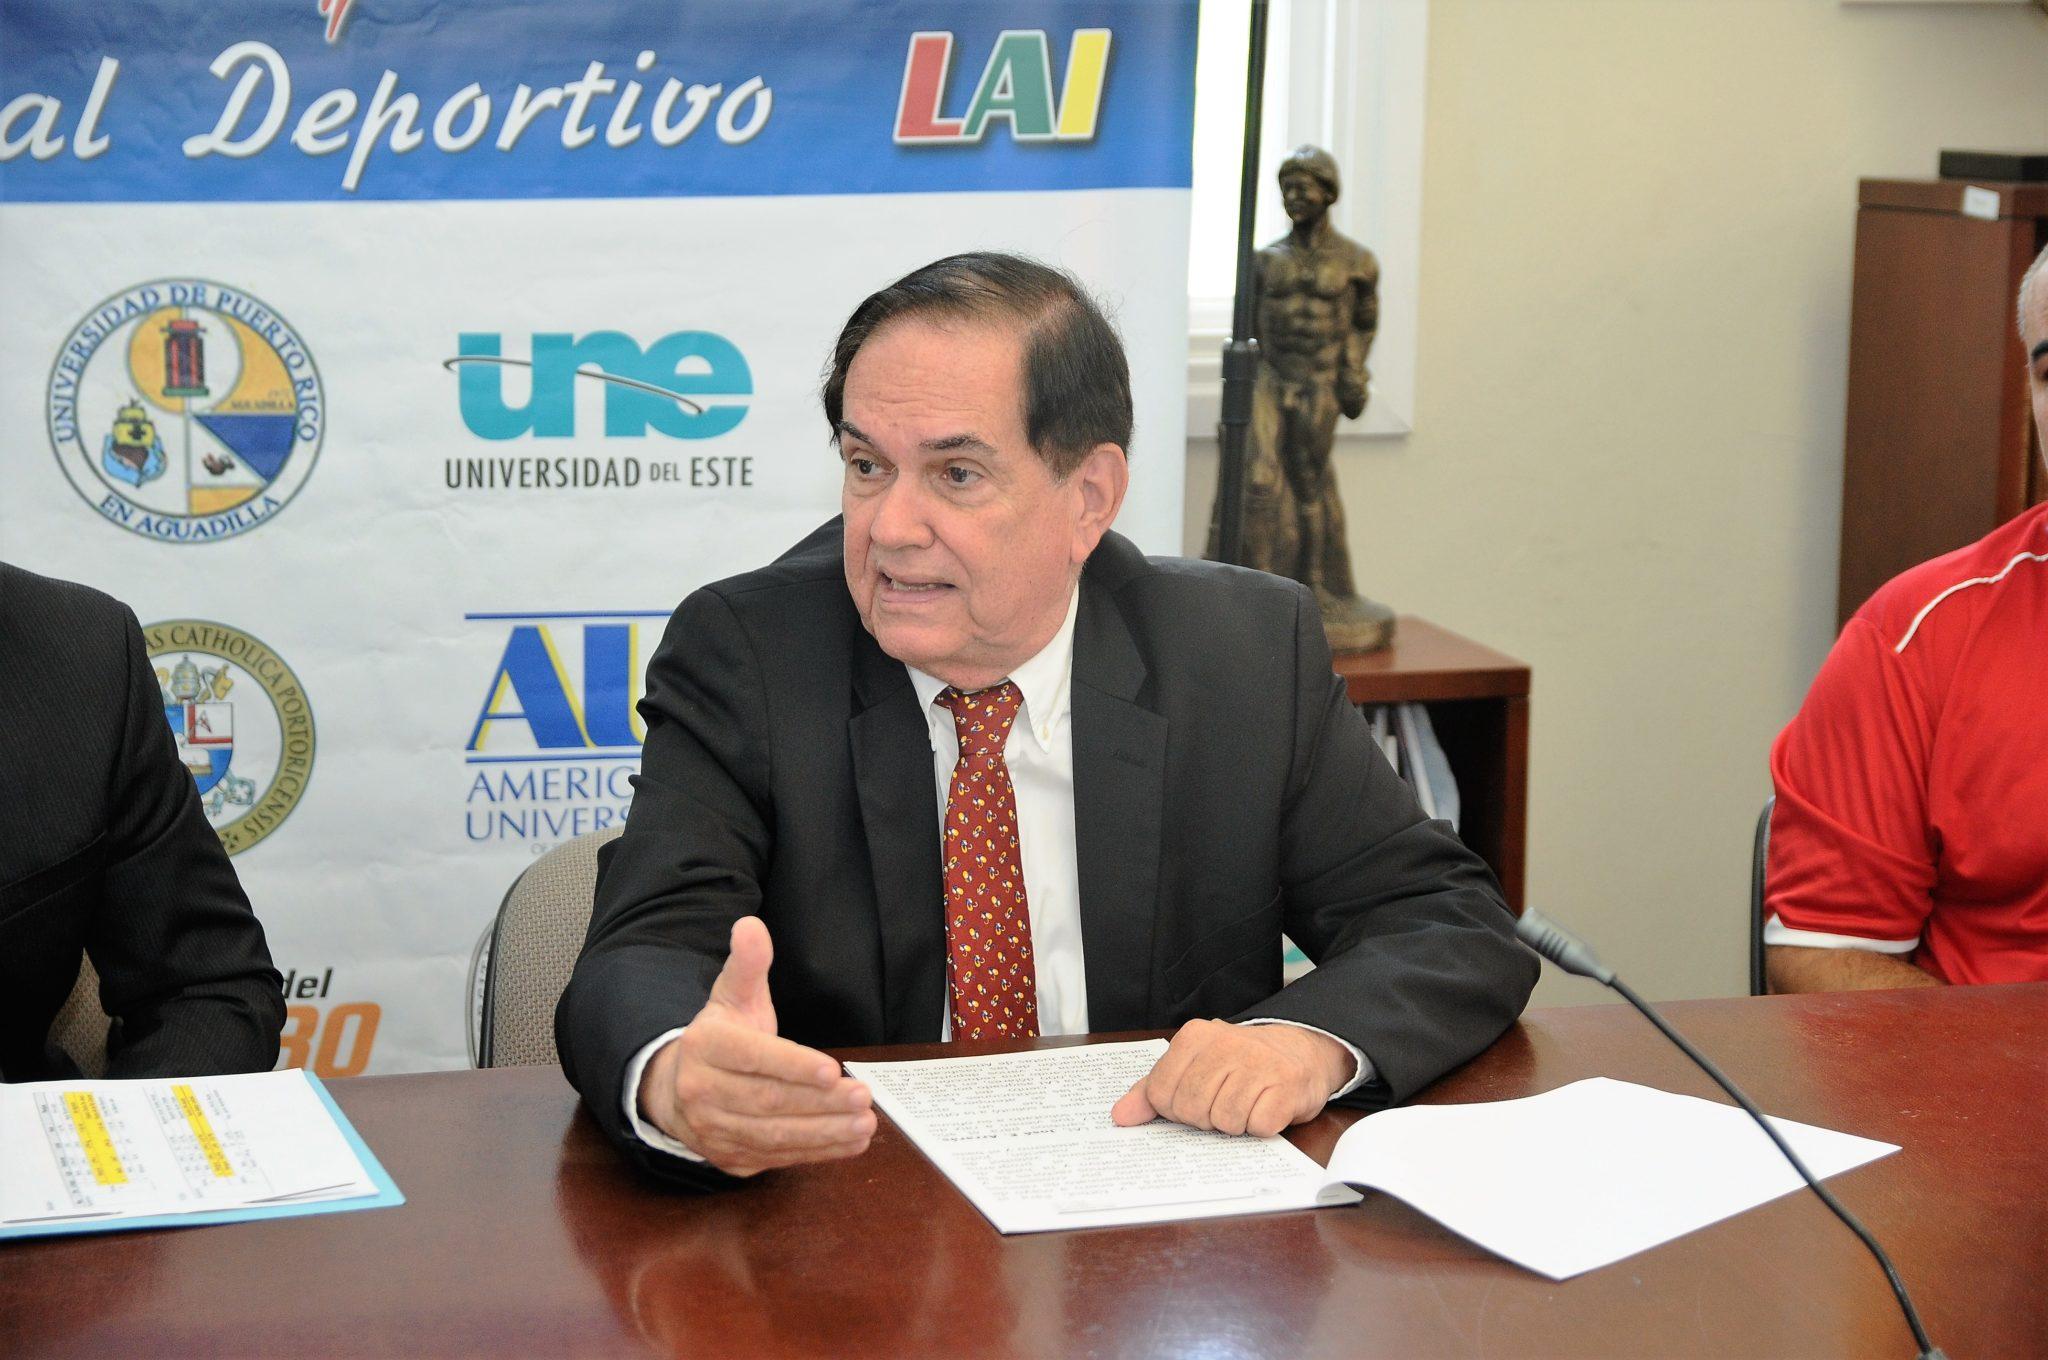 José E. Arrarás, comisionado de la LAI. (L. Minguela LAI)